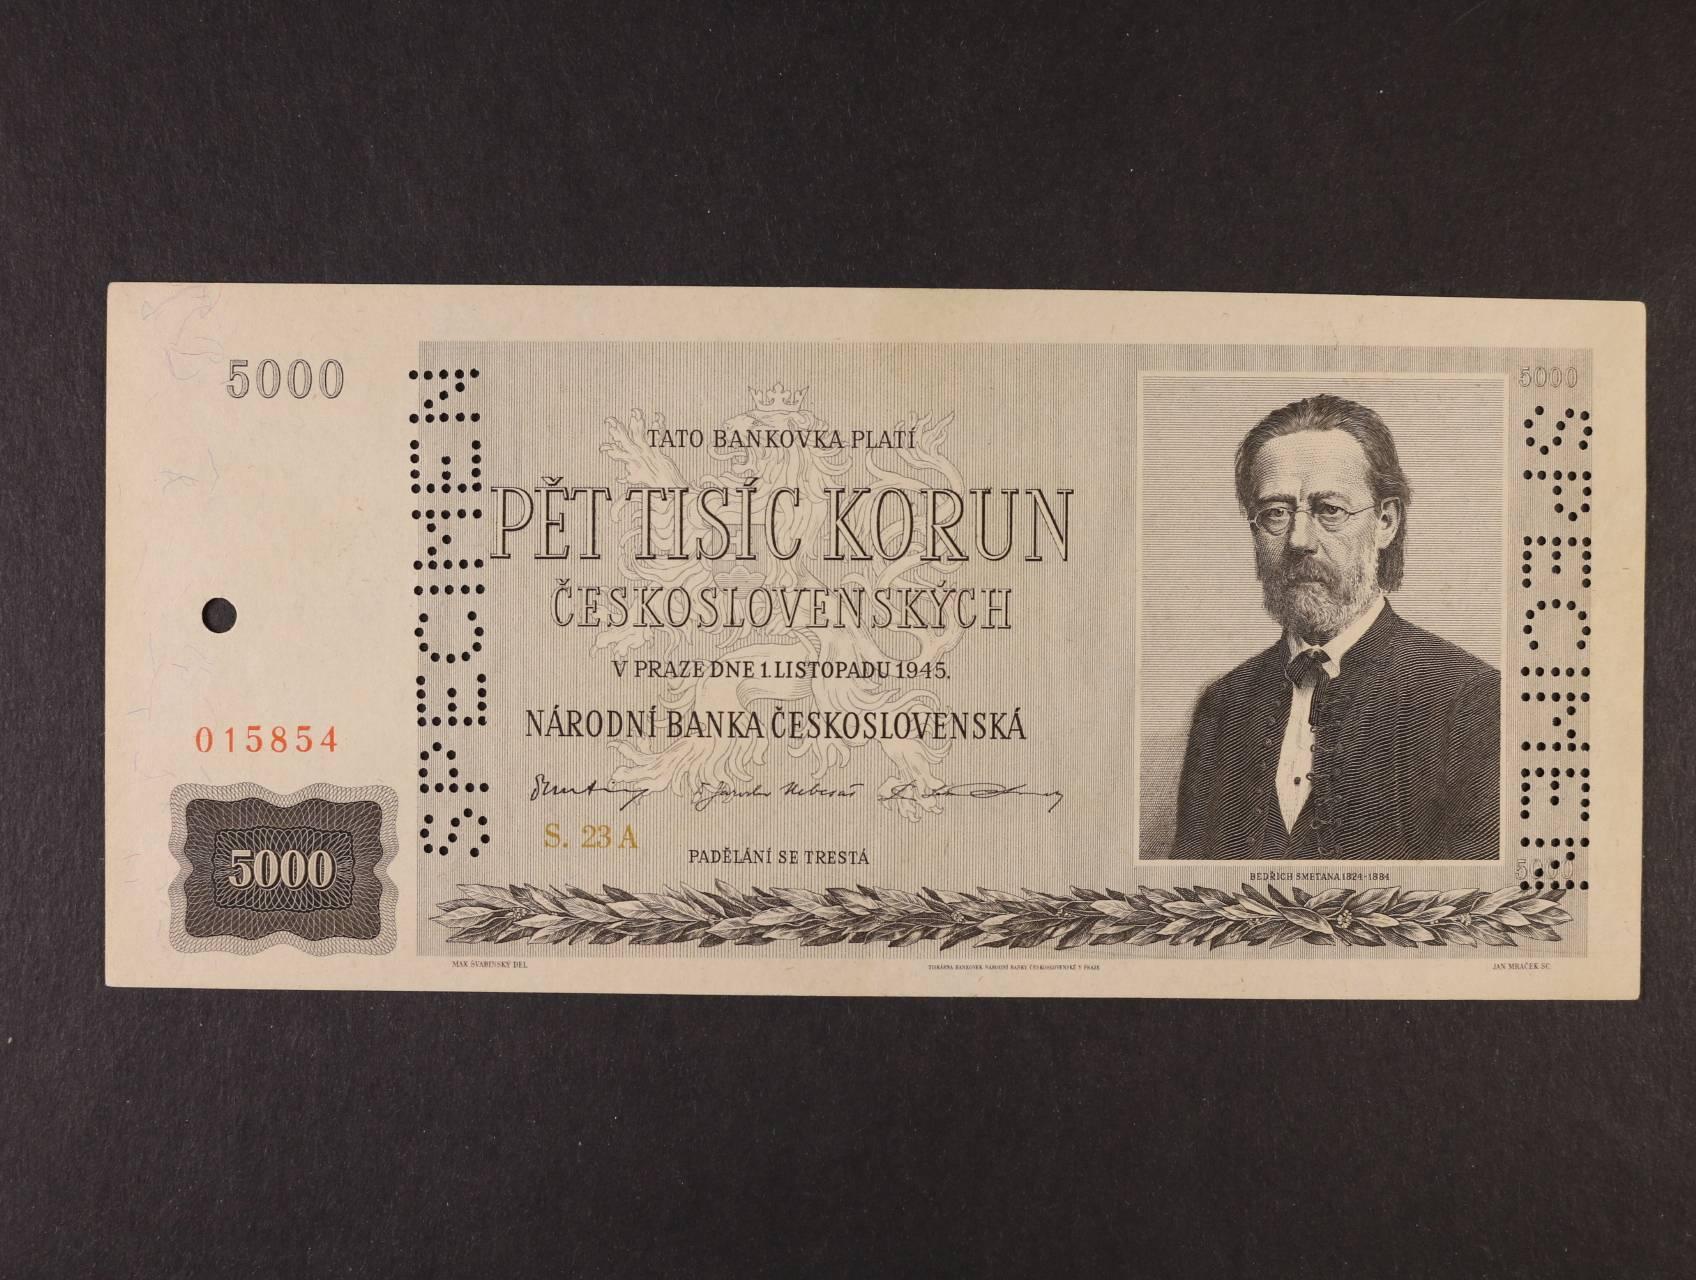 5000 Kčs 1.11.1945 série 23 A bankovní vzor s 2x svislou perf. SPECIMEN + perf. otvor, Ba. 79, Pi. 75s